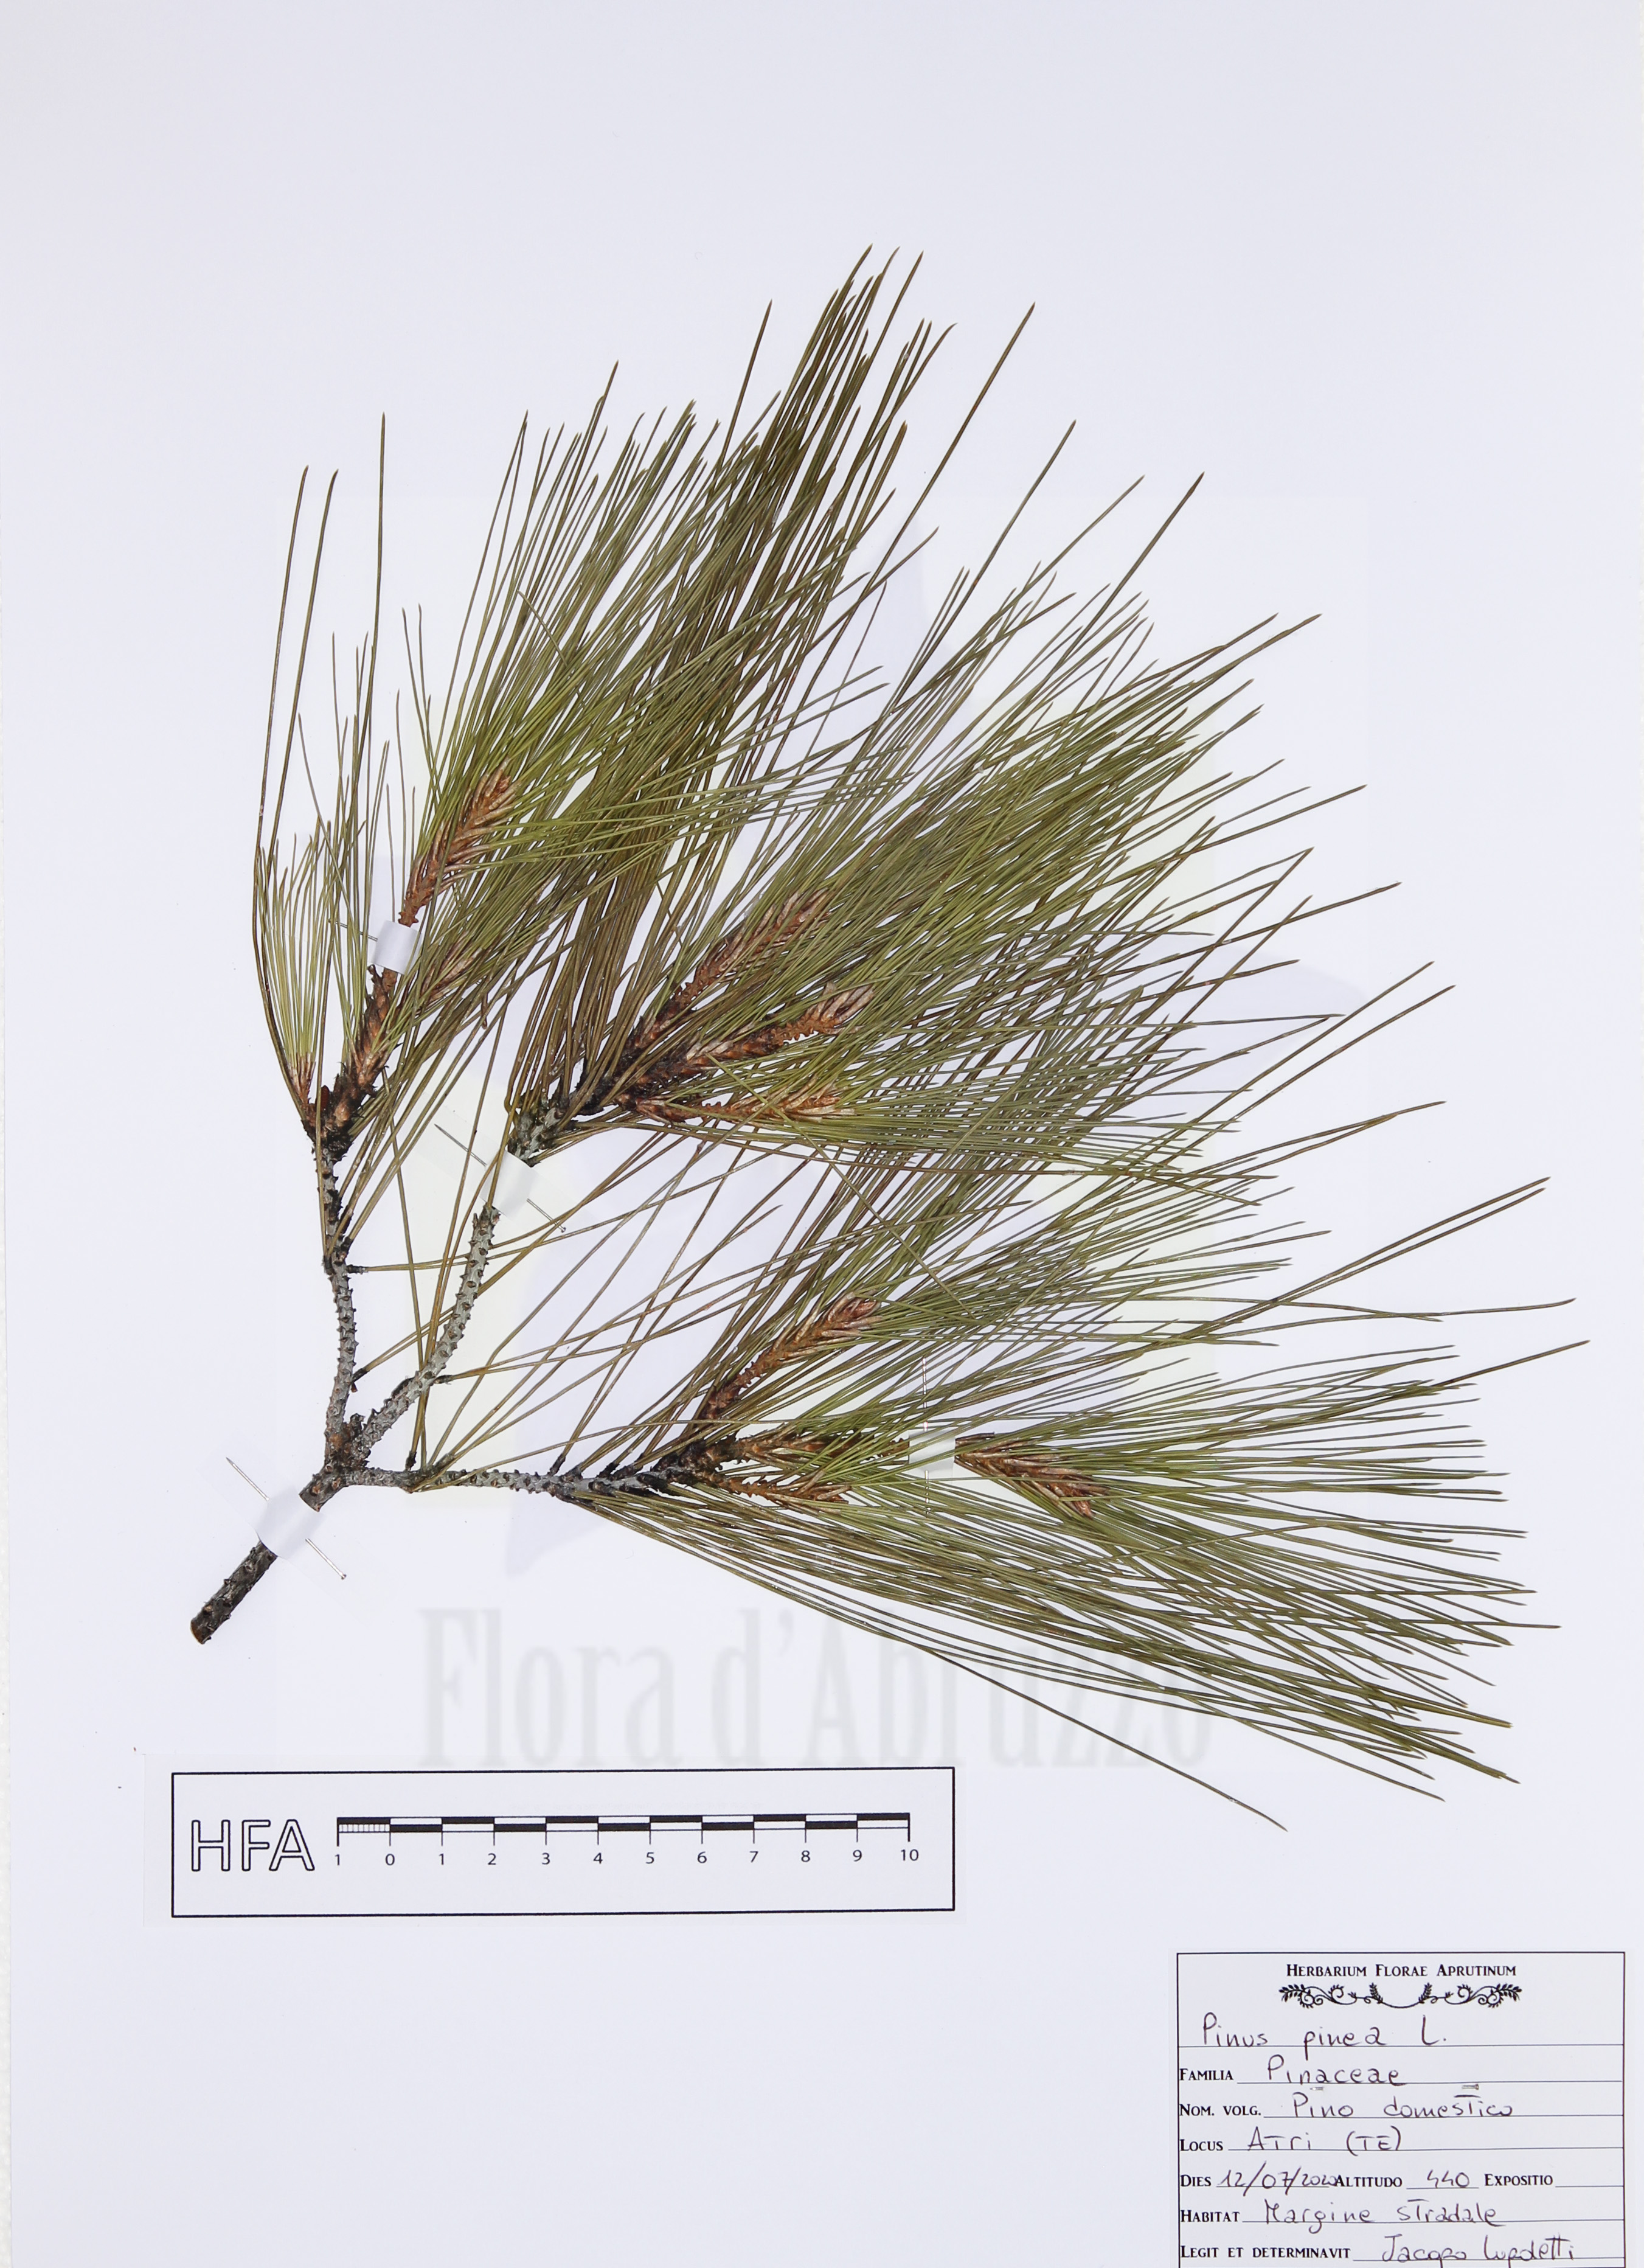 Pinus pineaL.